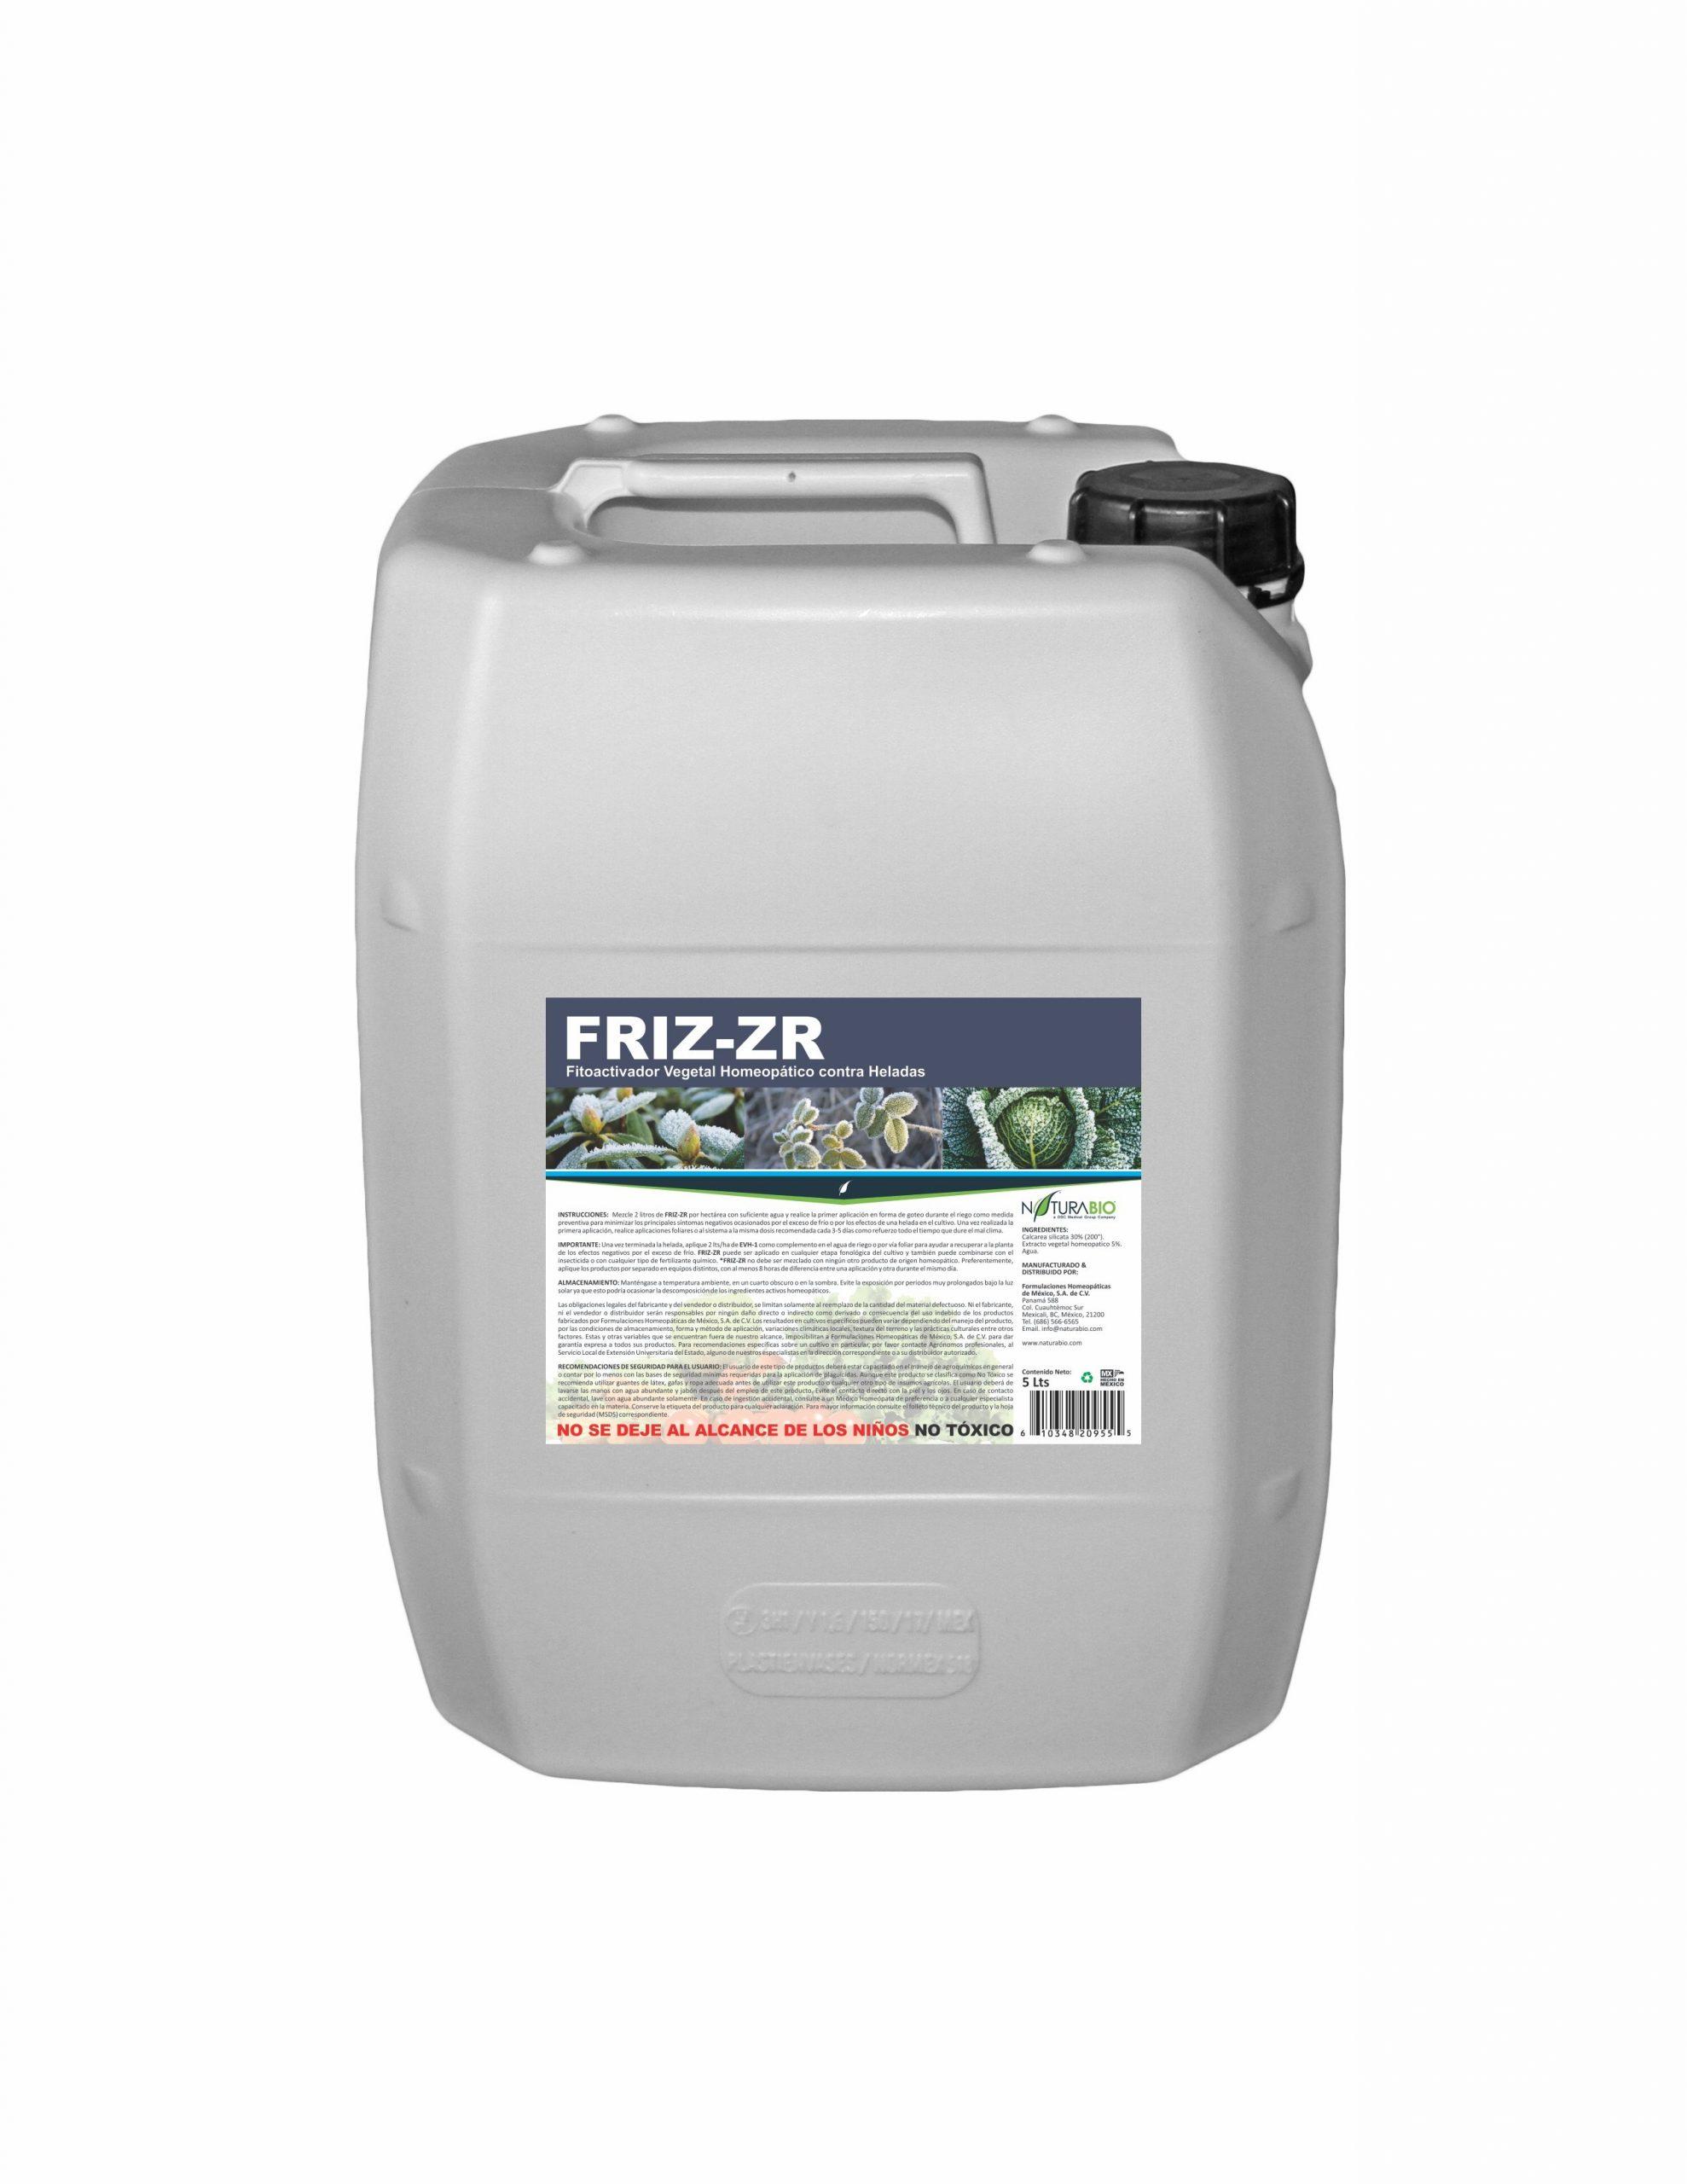 FRIZ-ZR Fitoactivador Homeopático para minimizar el efecto de las Heladas